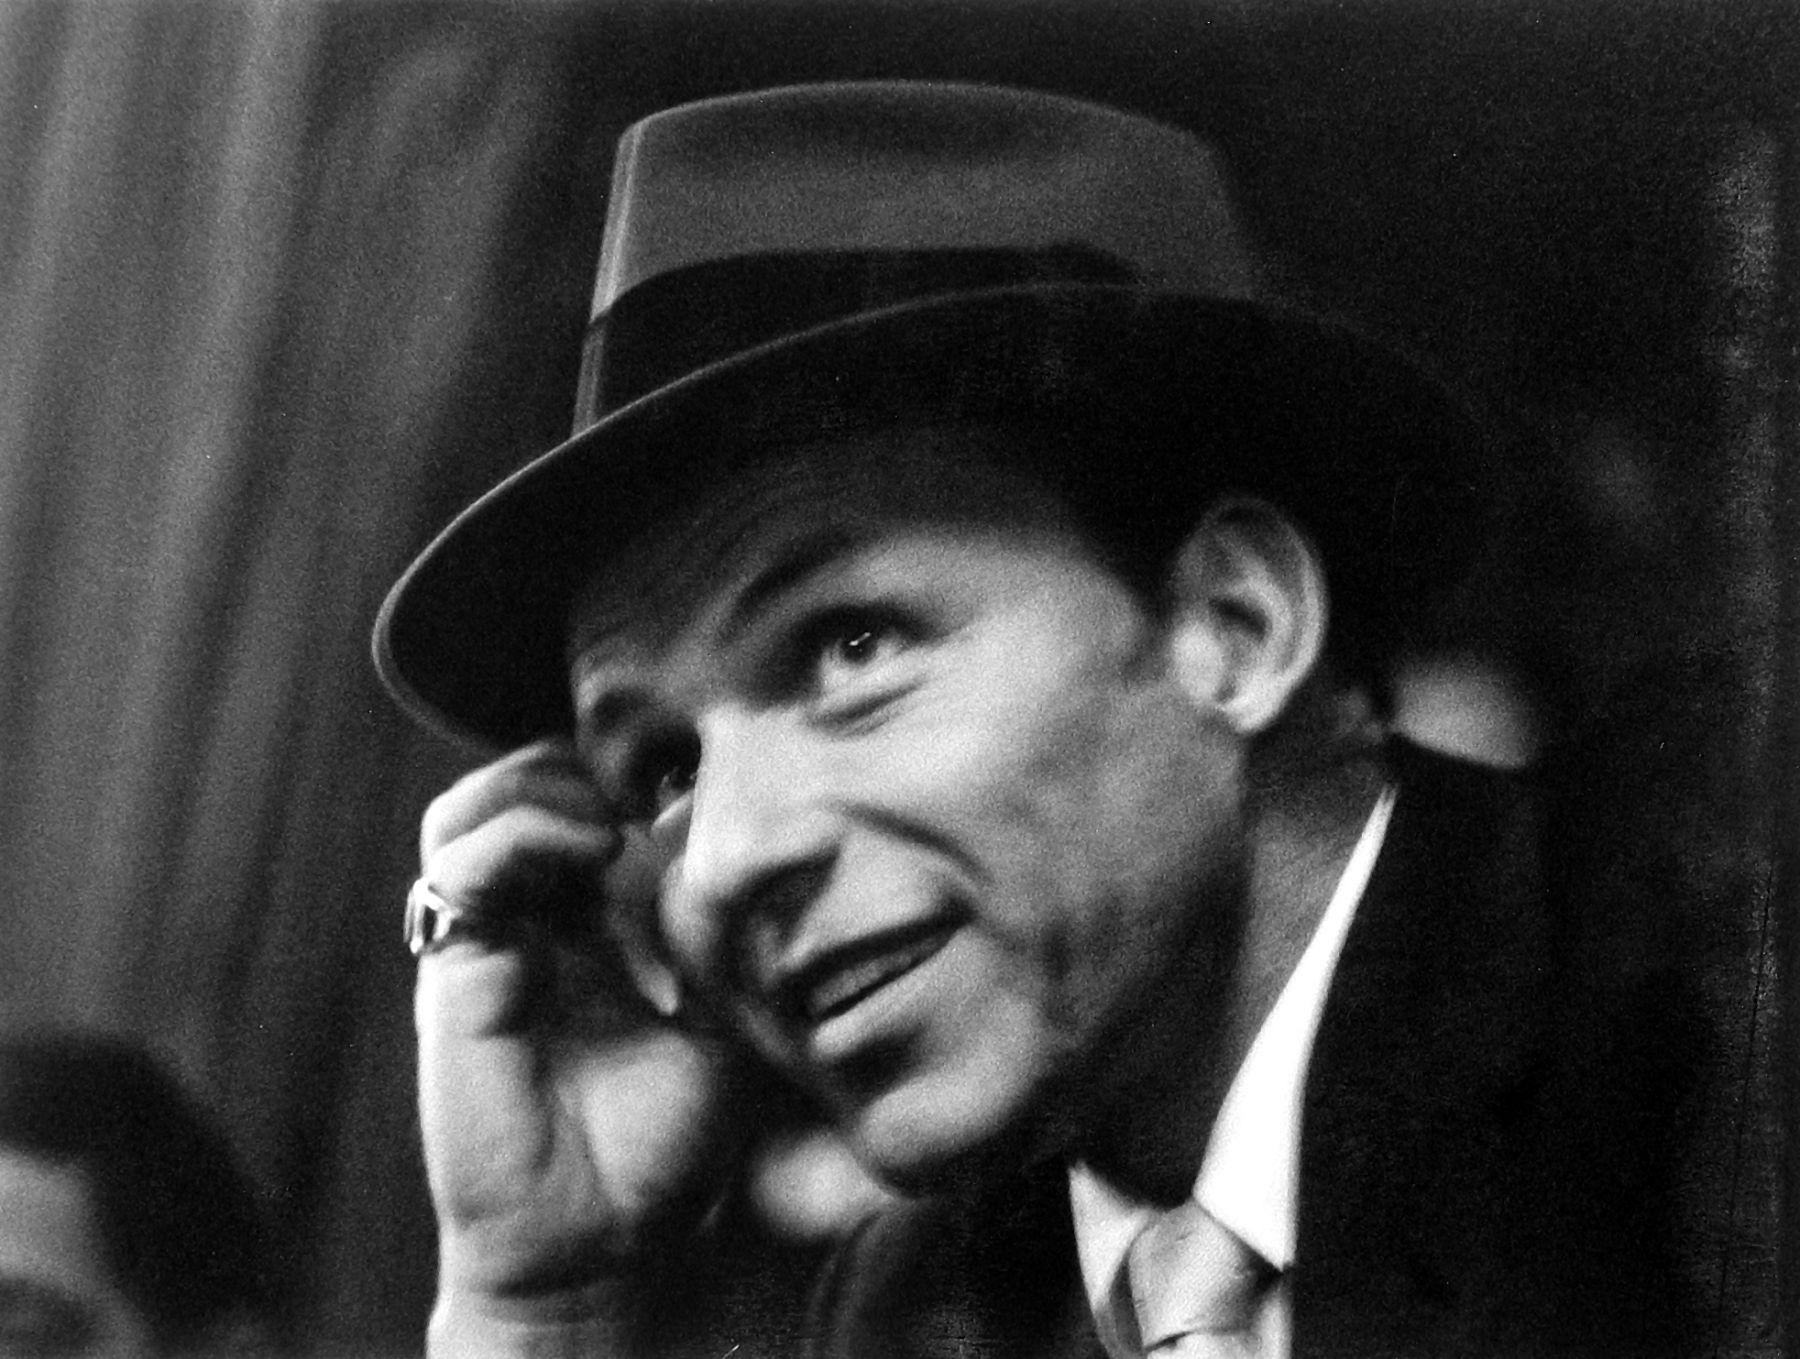 Ray Fisher - Frank Sinatra, Miami Beach, Florida, 1958 - Howard Greenberg Gallery